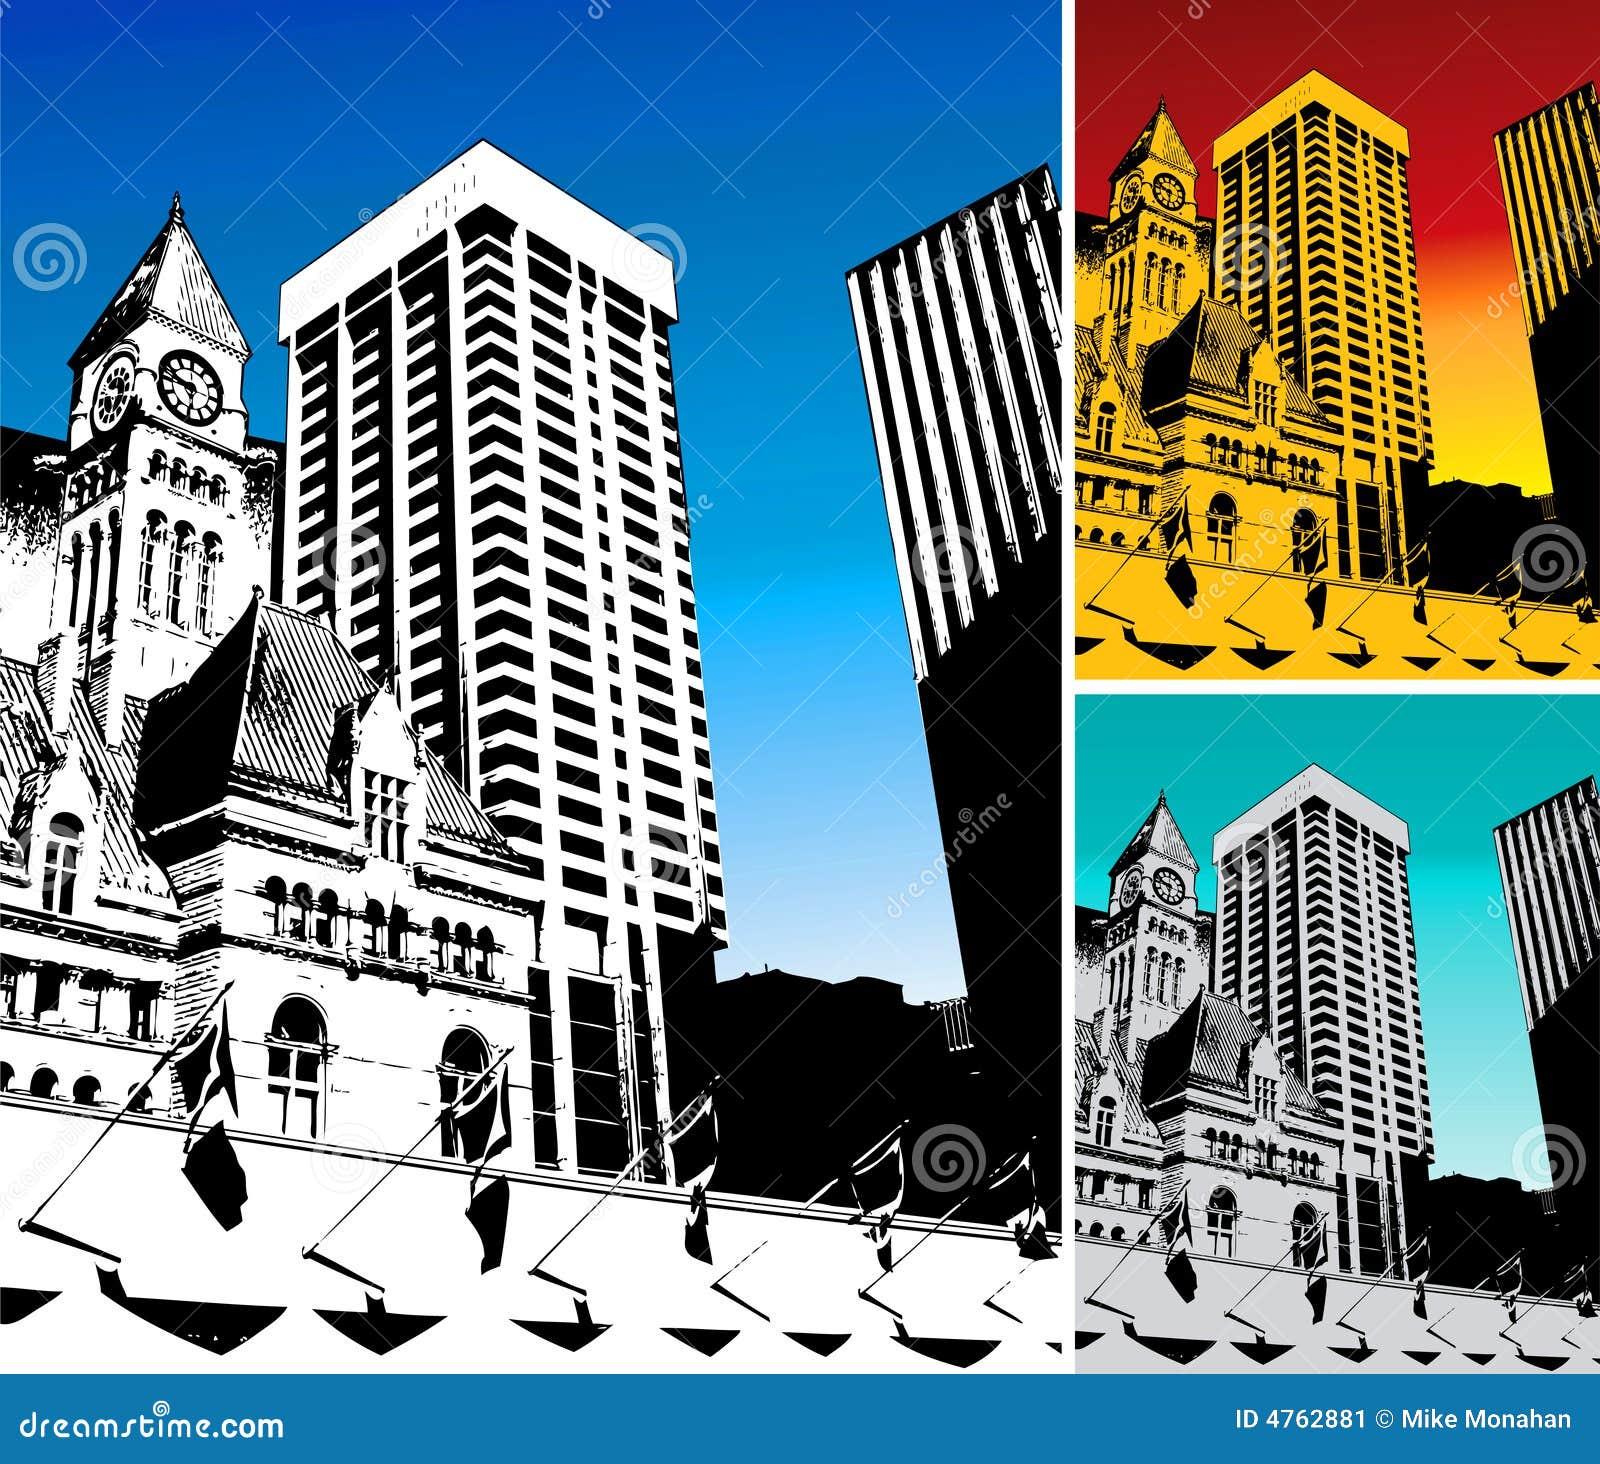 3 Fondos De La Ciudad En Cambio Ilustración del Vector - Ilustración ...